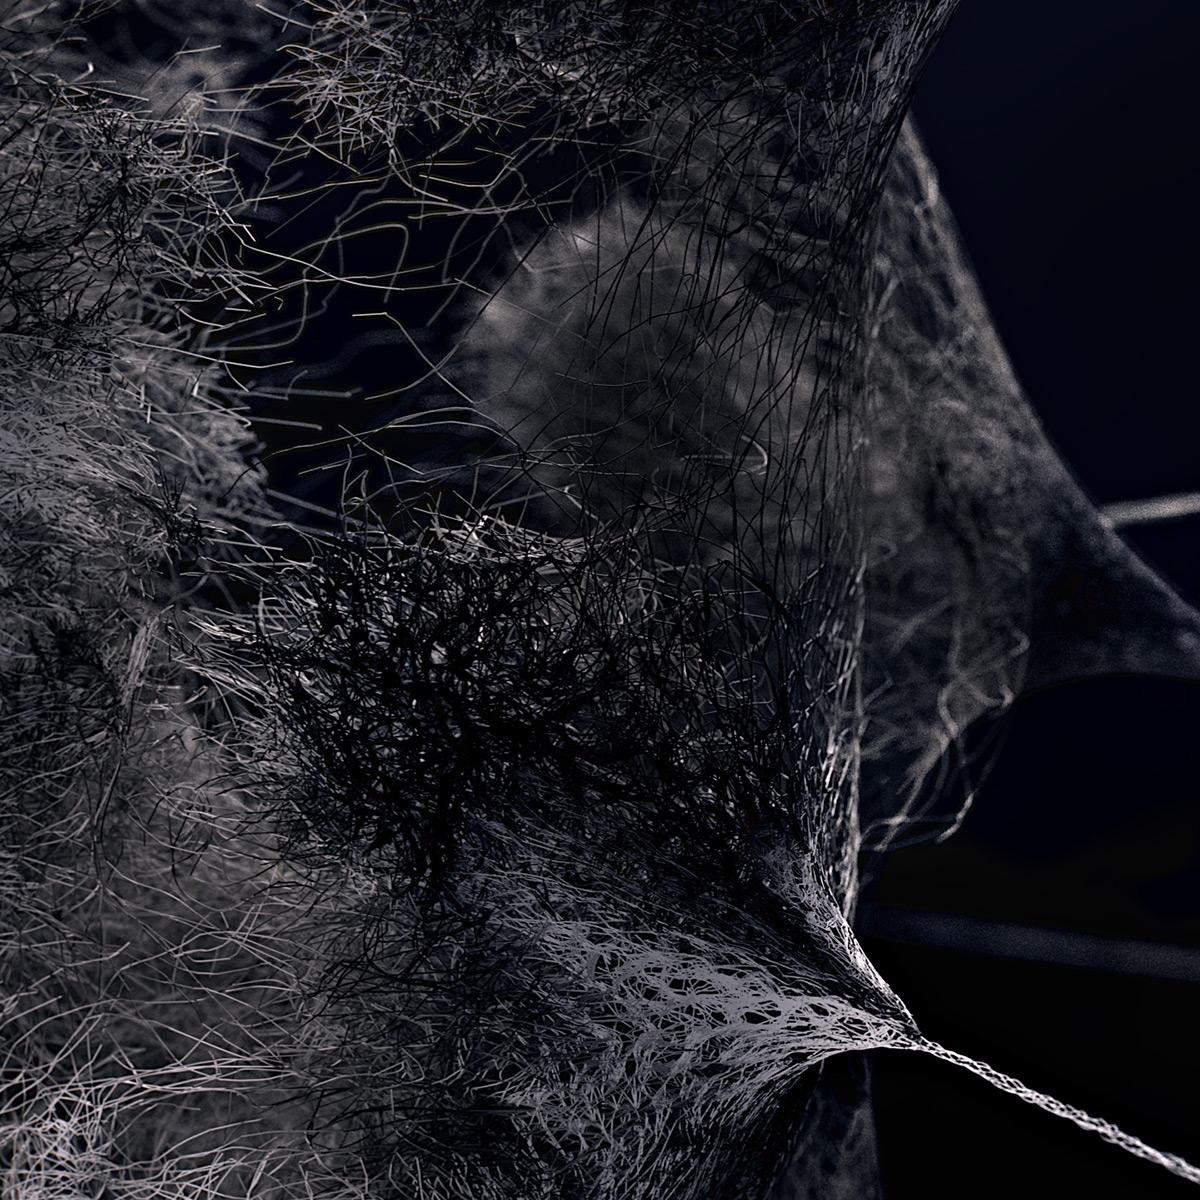 design art motion experimental 'Film'  generative print posters surreal dark Moody